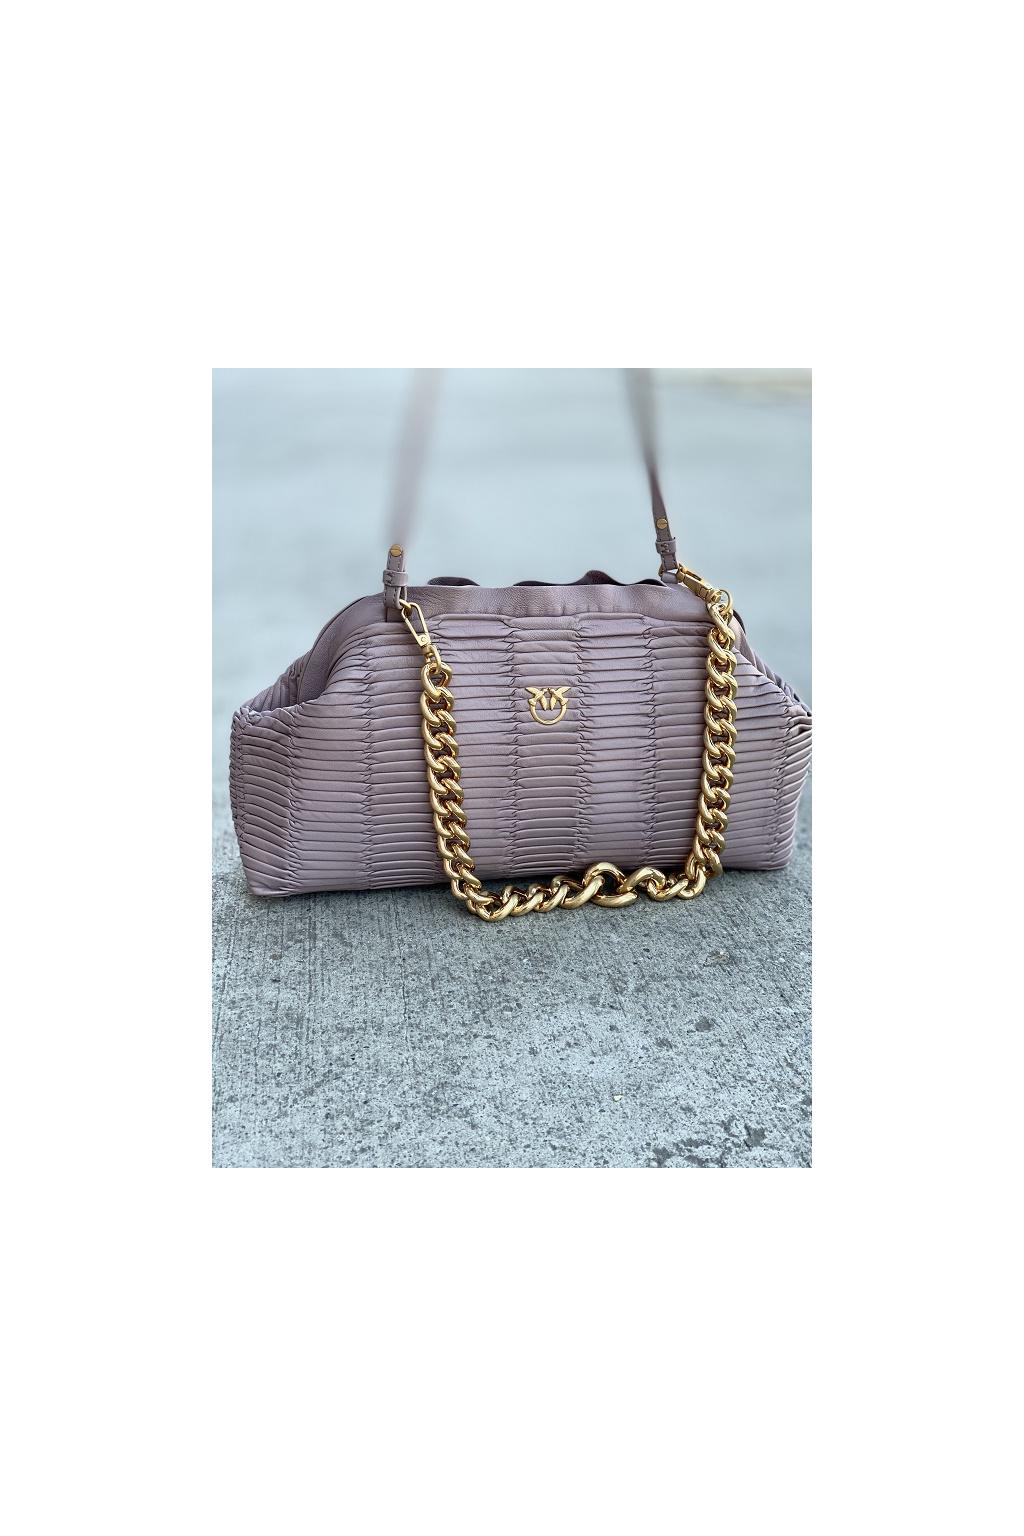 Dámská kabelka Pinko Maxi Chain Clutch Origami C fialová